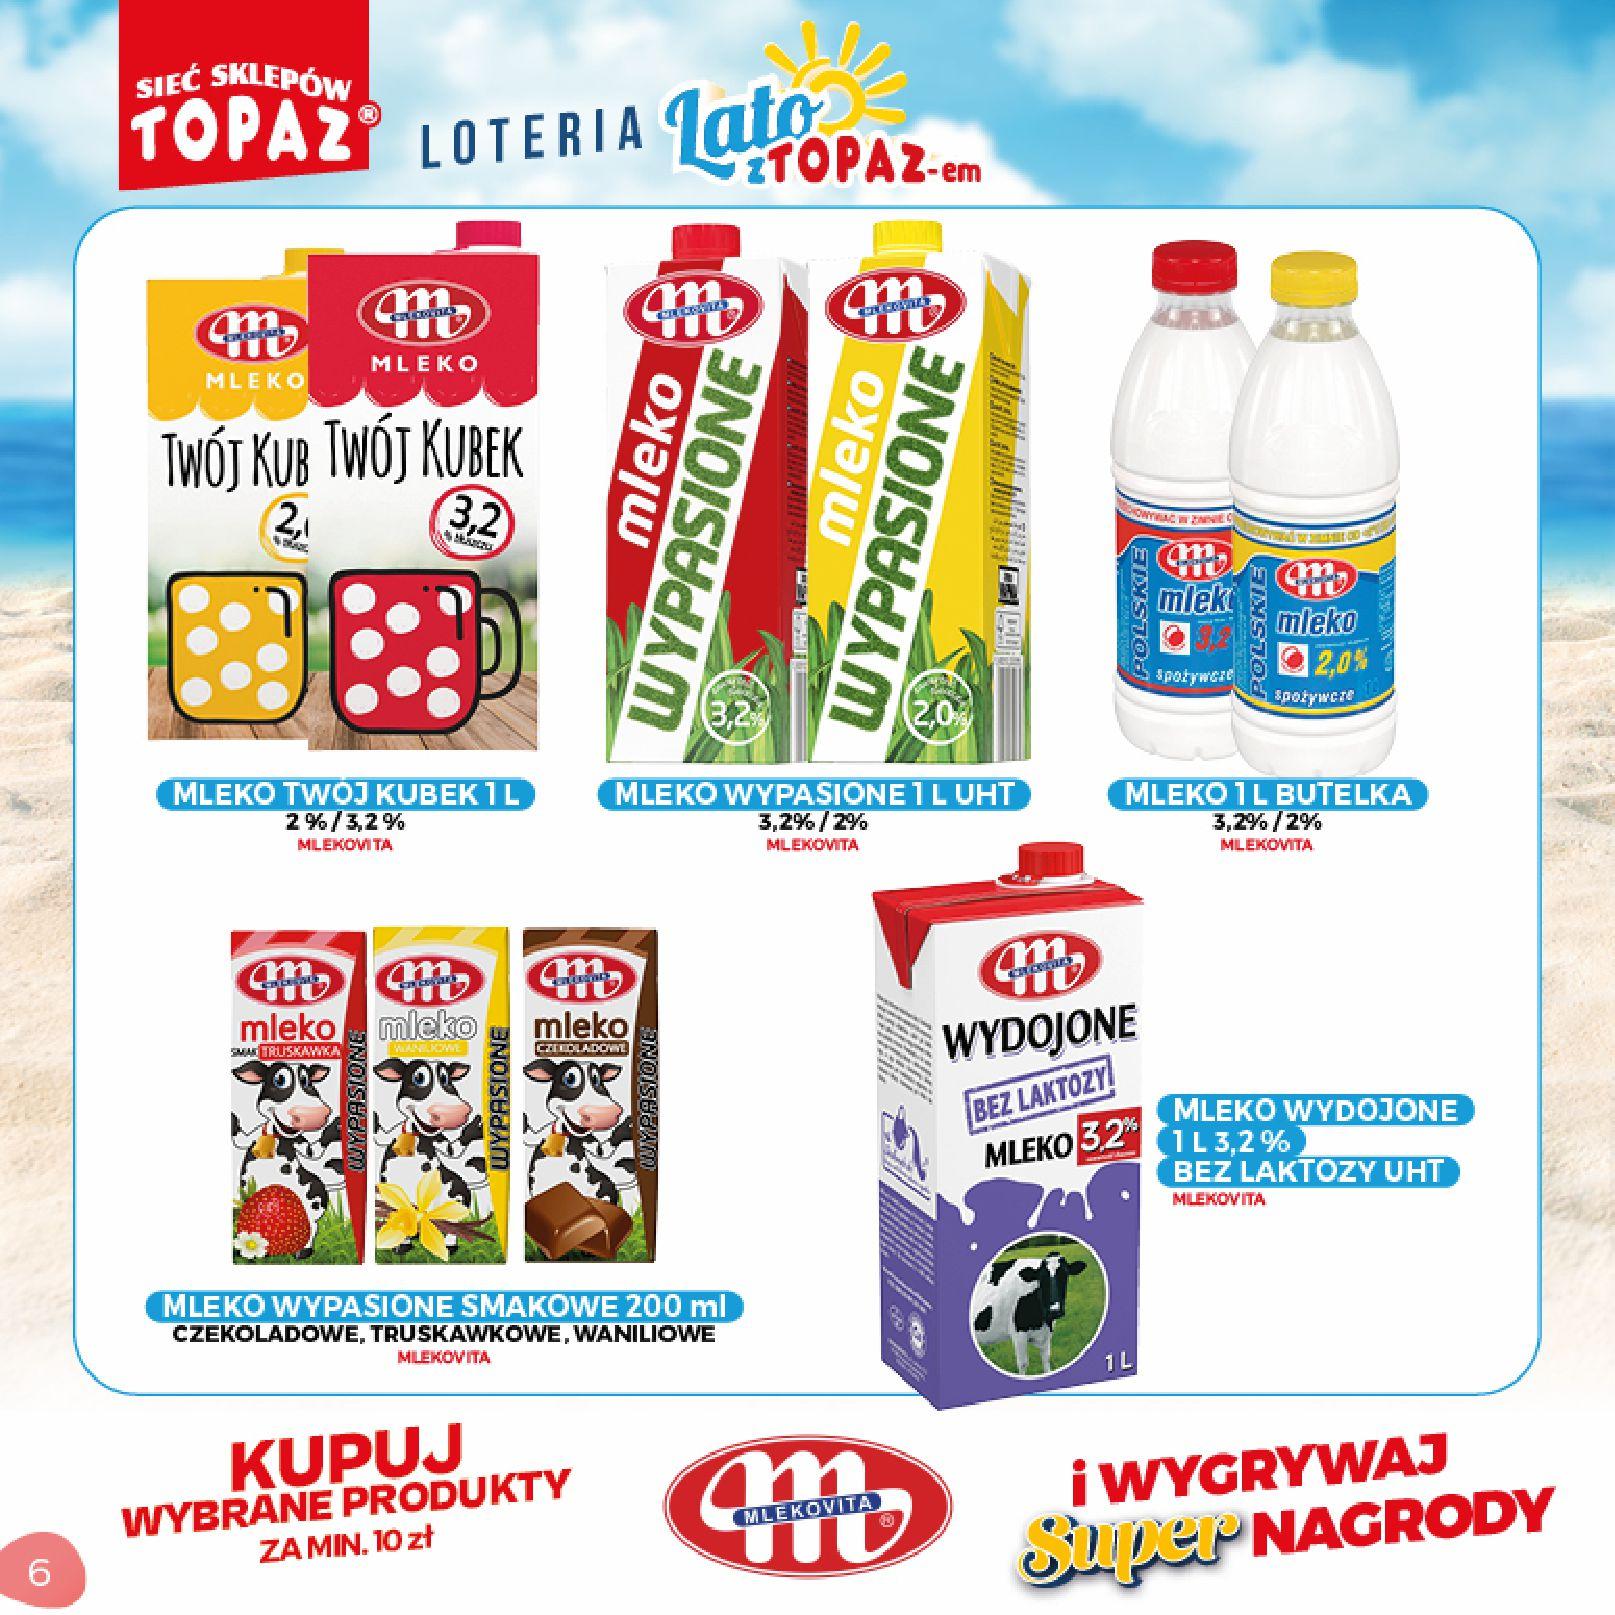 Gazetka TOPAZ: Gazetka TOPAZ - Loteria 2021-07-05 page-6